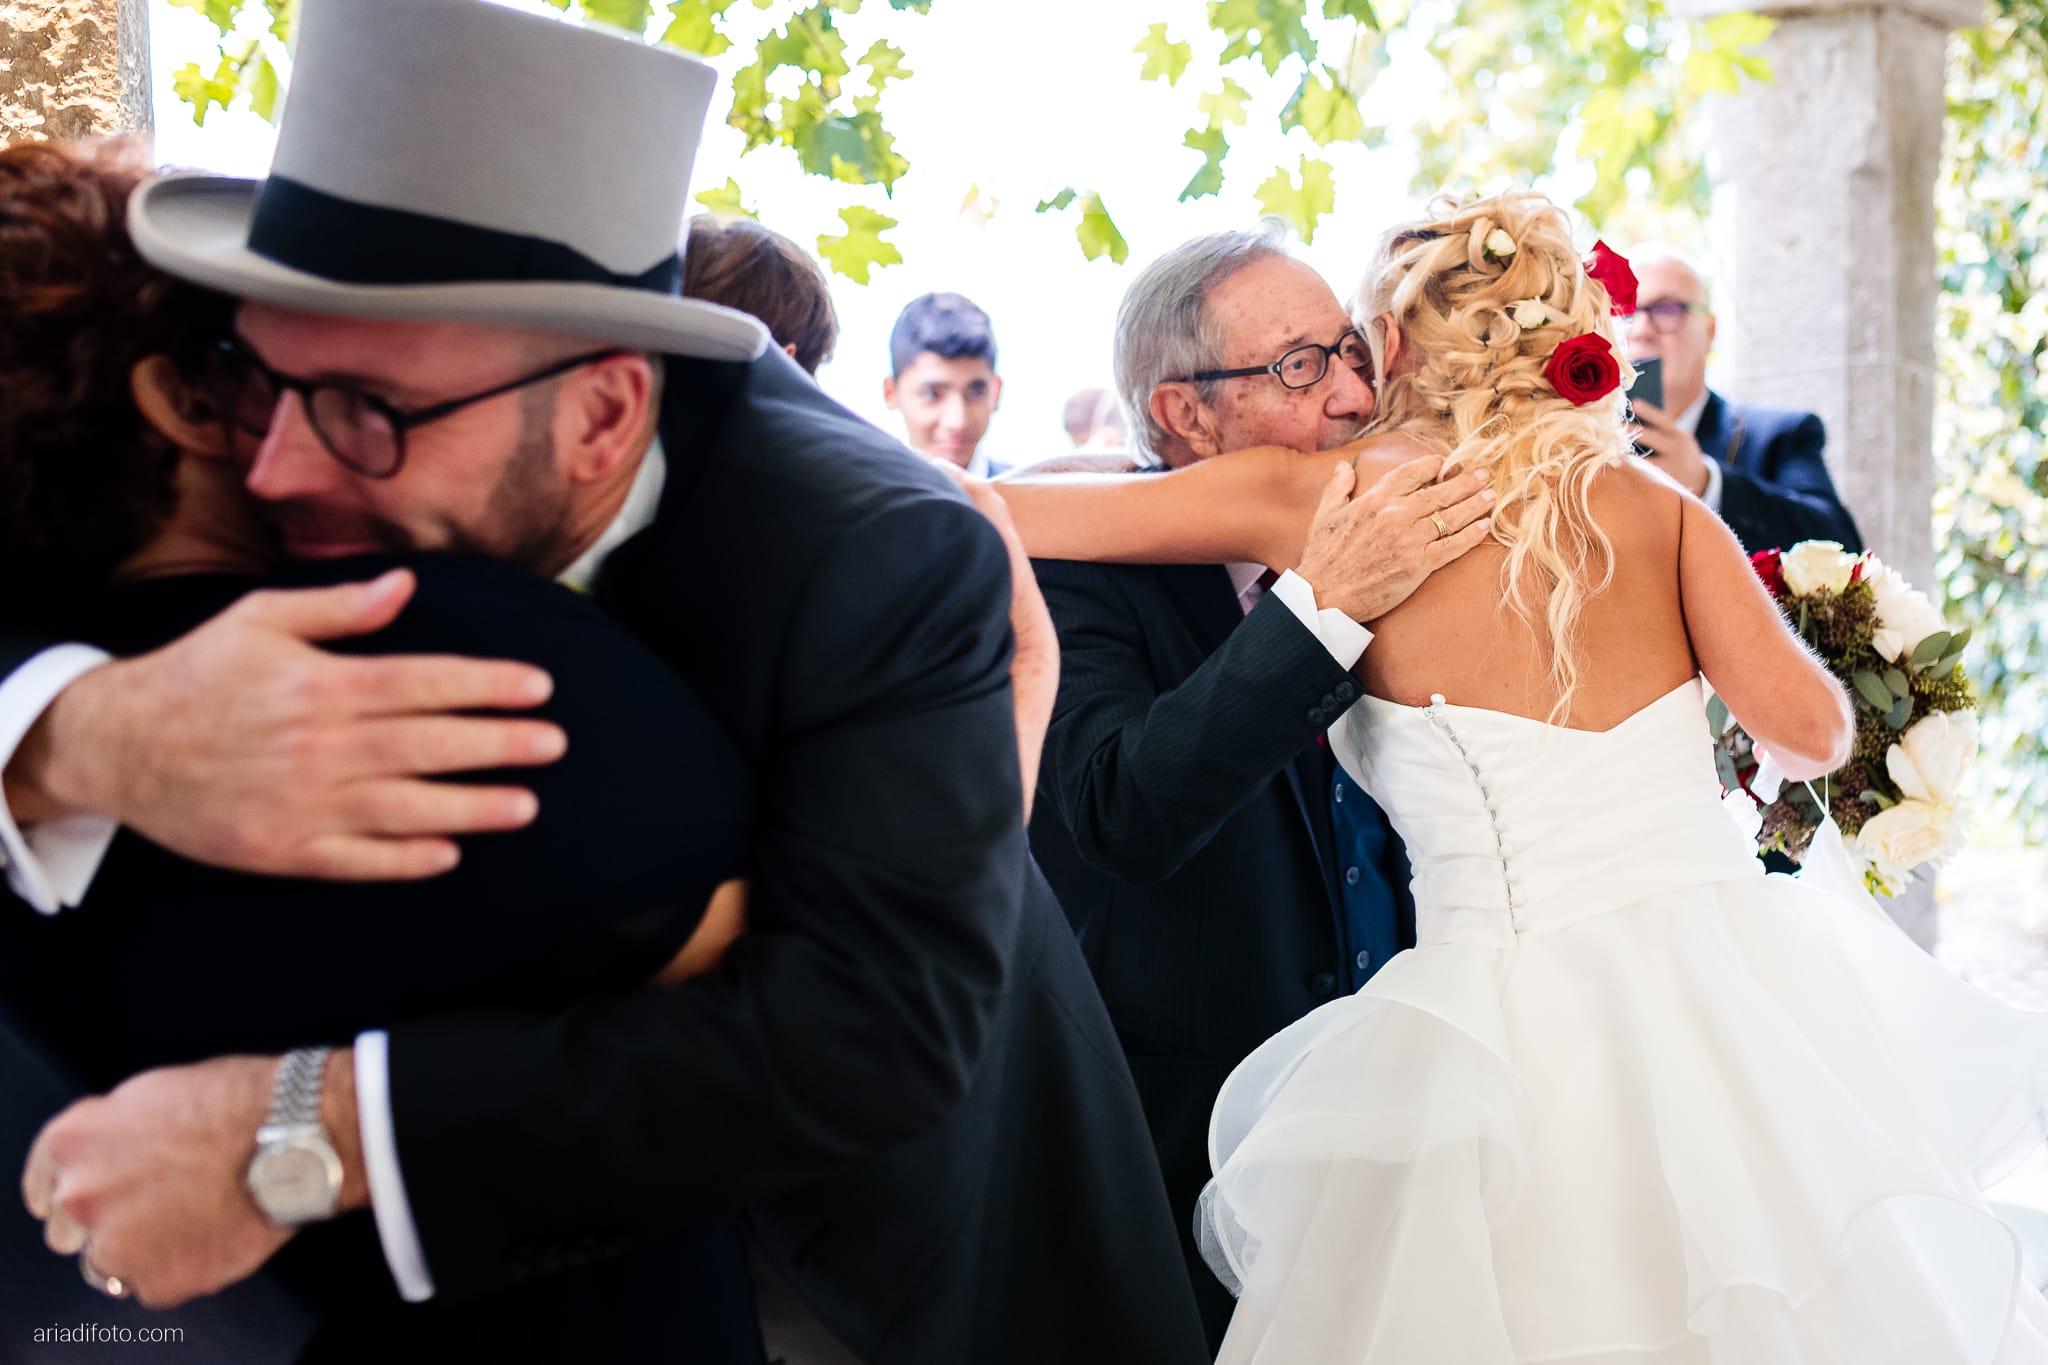 Francesca Davide Matrimonio Destination Wedding Castello Zemono Valle Vipacco Slovenia cerimonia civile momenti abbracci